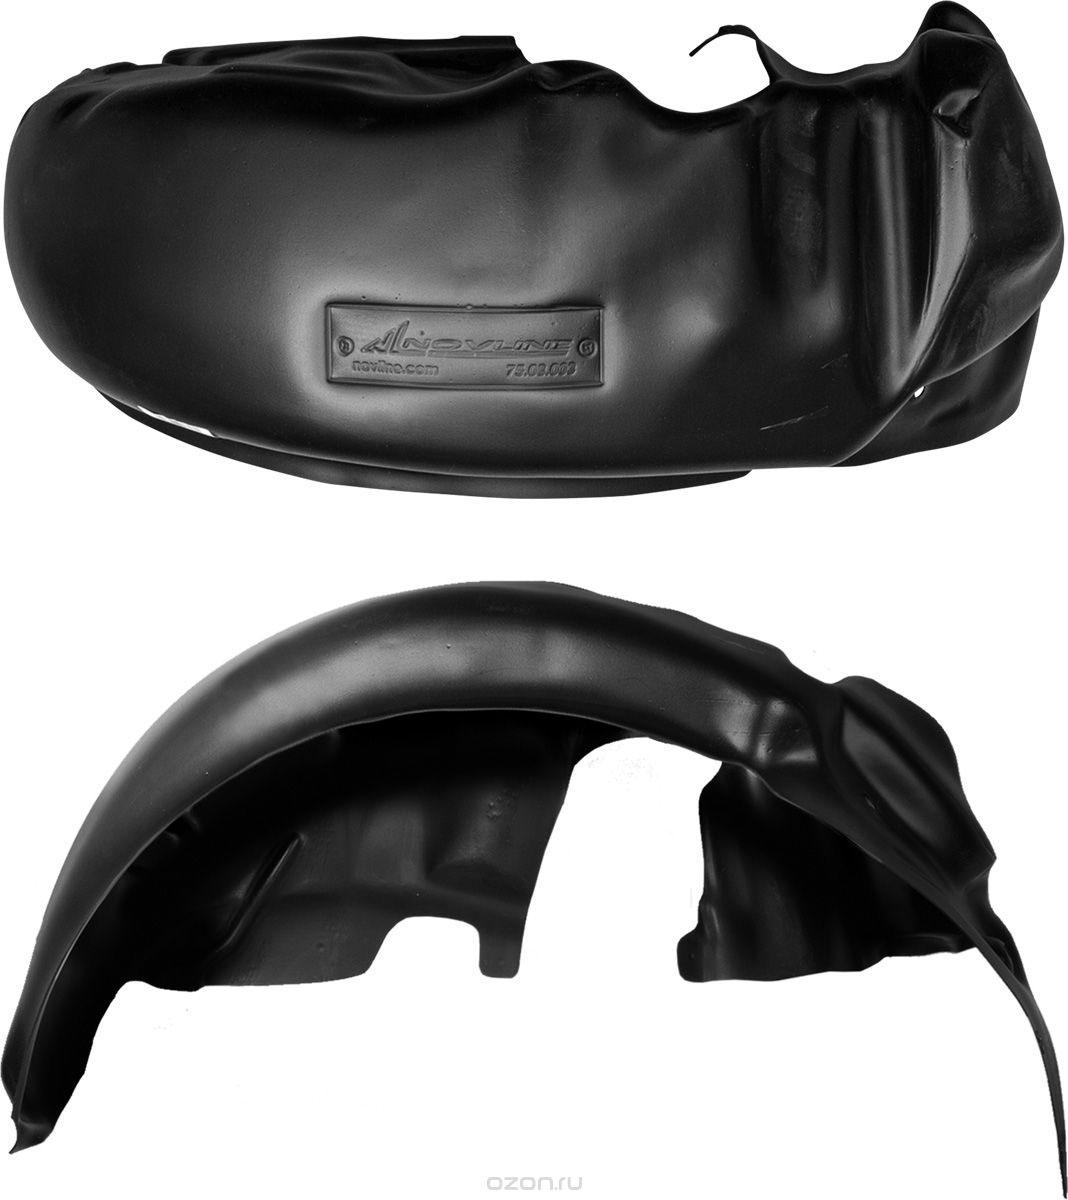 Подкрылок Novline-Autofamily, для HYUNDAI Solaris, 2014->, сед., задний левыйSVC-300Идеальная защита колесной ниши. Локеры разработаны с применением цифровых технологий, гарантируют максимальную повторяемость поверхности арки. Изделия устанавливаются без нарушения лакокрасочного покрытия автомобиля, каждый подкрылок комплектуется крепежом. Уважаемые клиенты, обращаем ваше внимание, что фотографии на подкрылки универсальные и не отражают реальную форму изделия. При этом само изделие идет точно под размер указанного автомобиля.